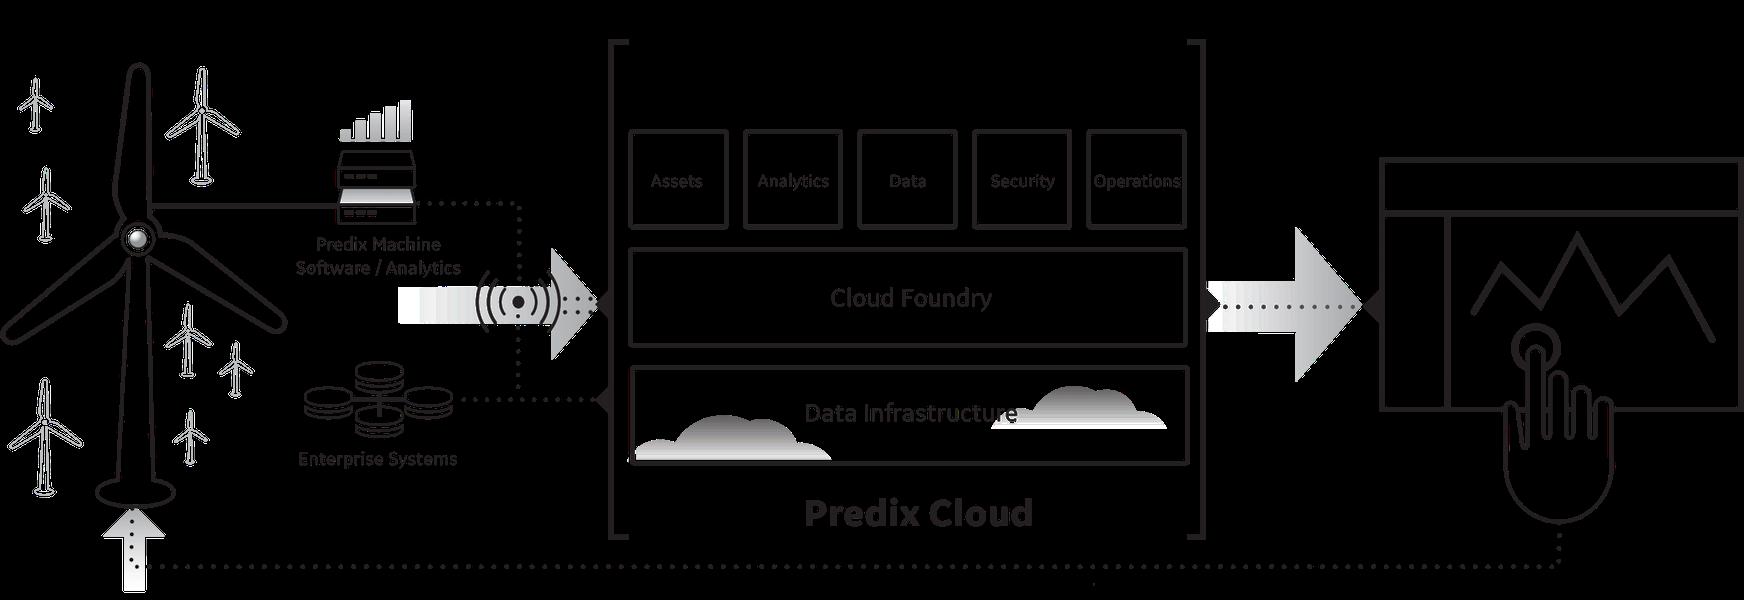 Predix IoT cloud platform